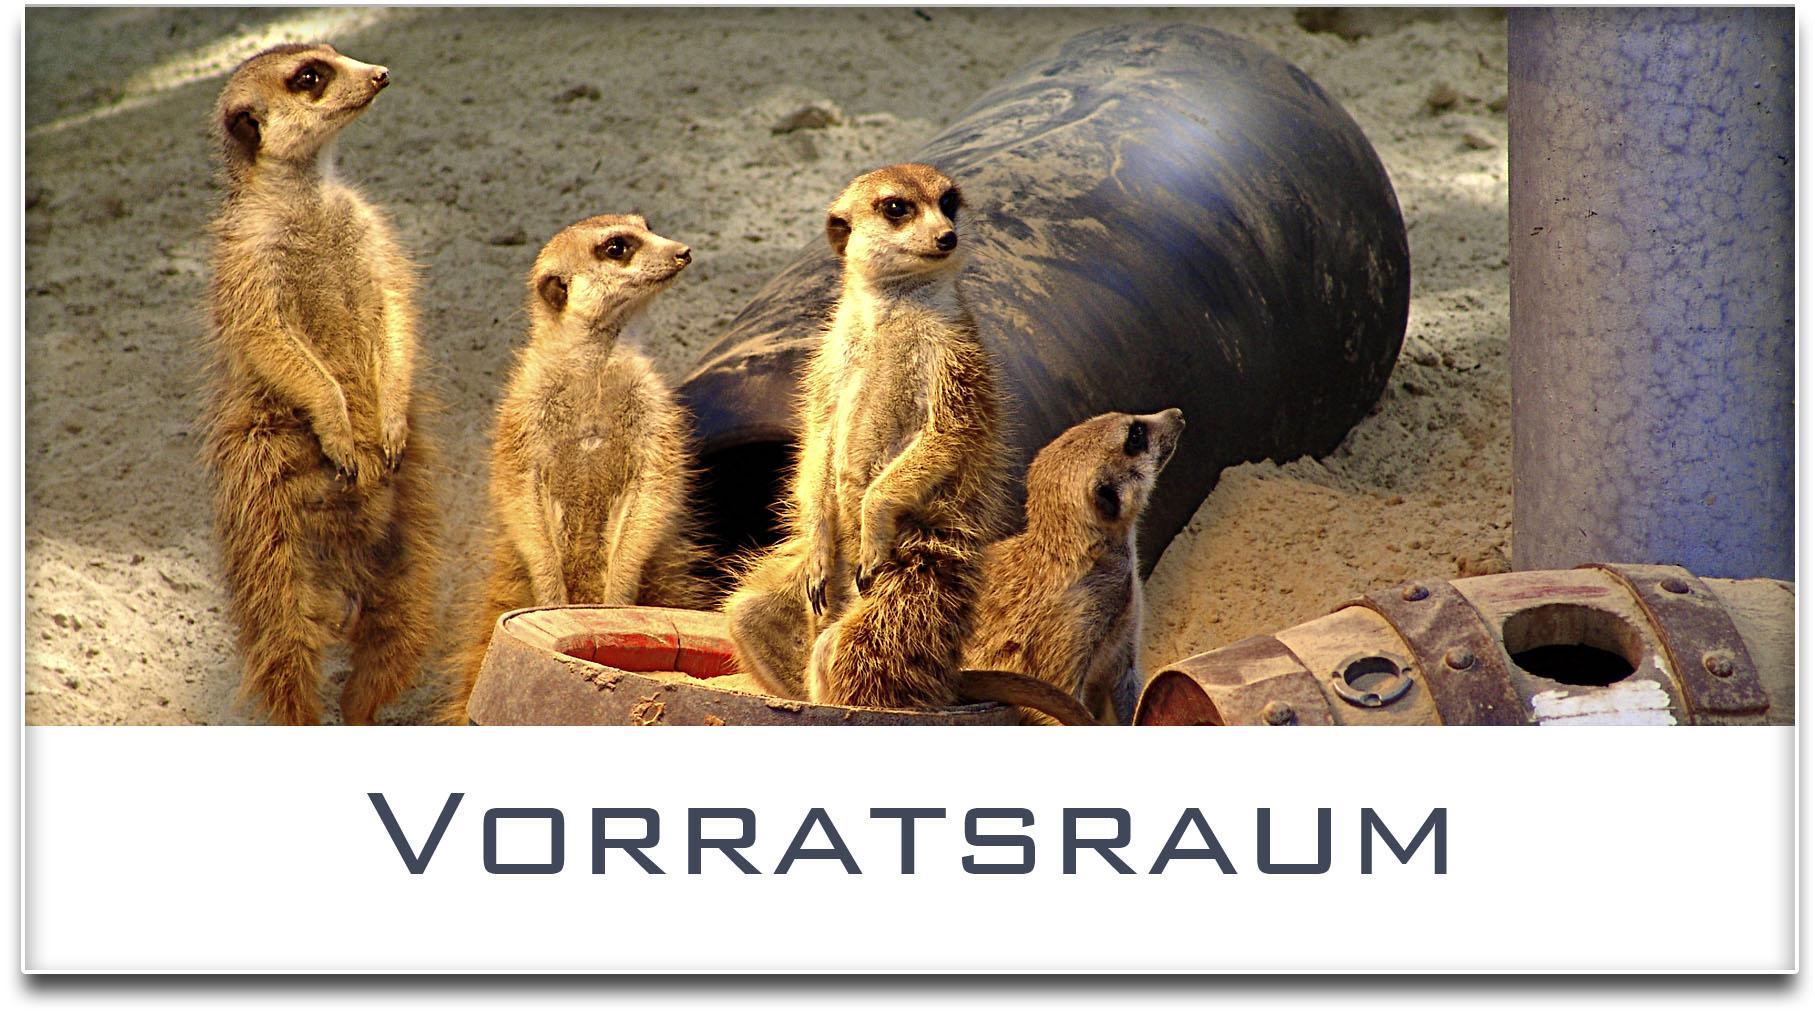 Türschild / Haustürschild / Erdmännchen / Vorratsraum / Selbstklebend